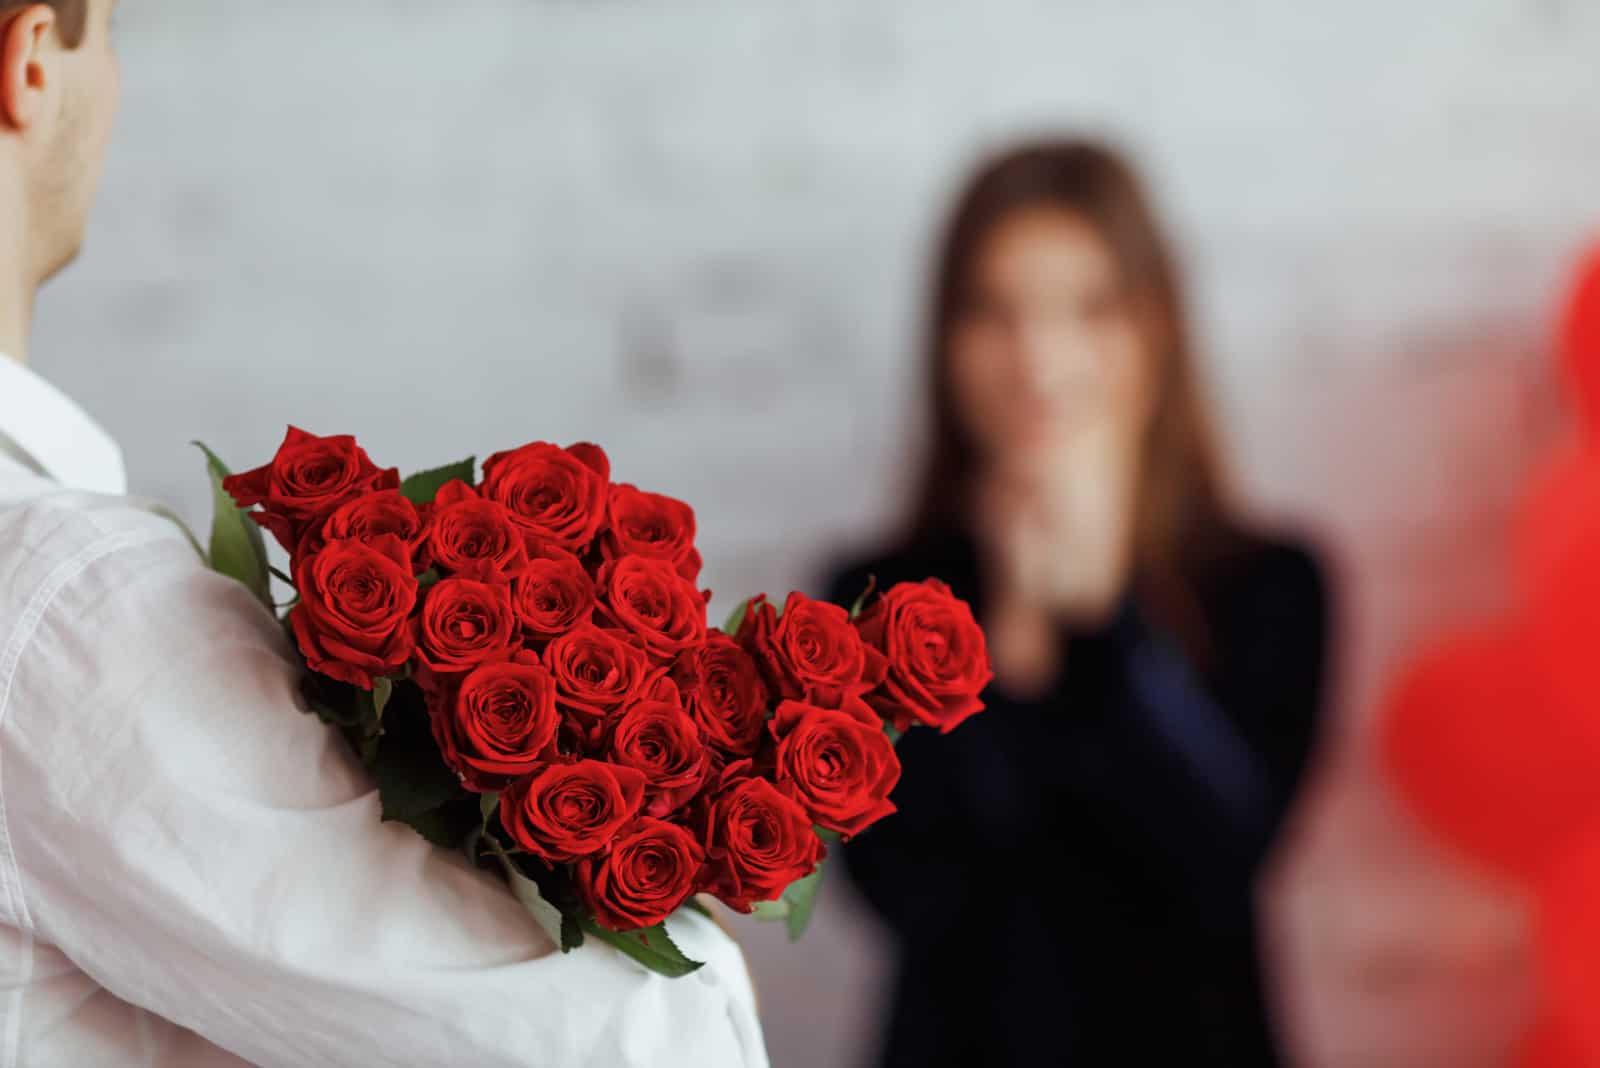 Ein Mann präsentiert eine überraschte Frau mit einem großen Strauß roter Rosen